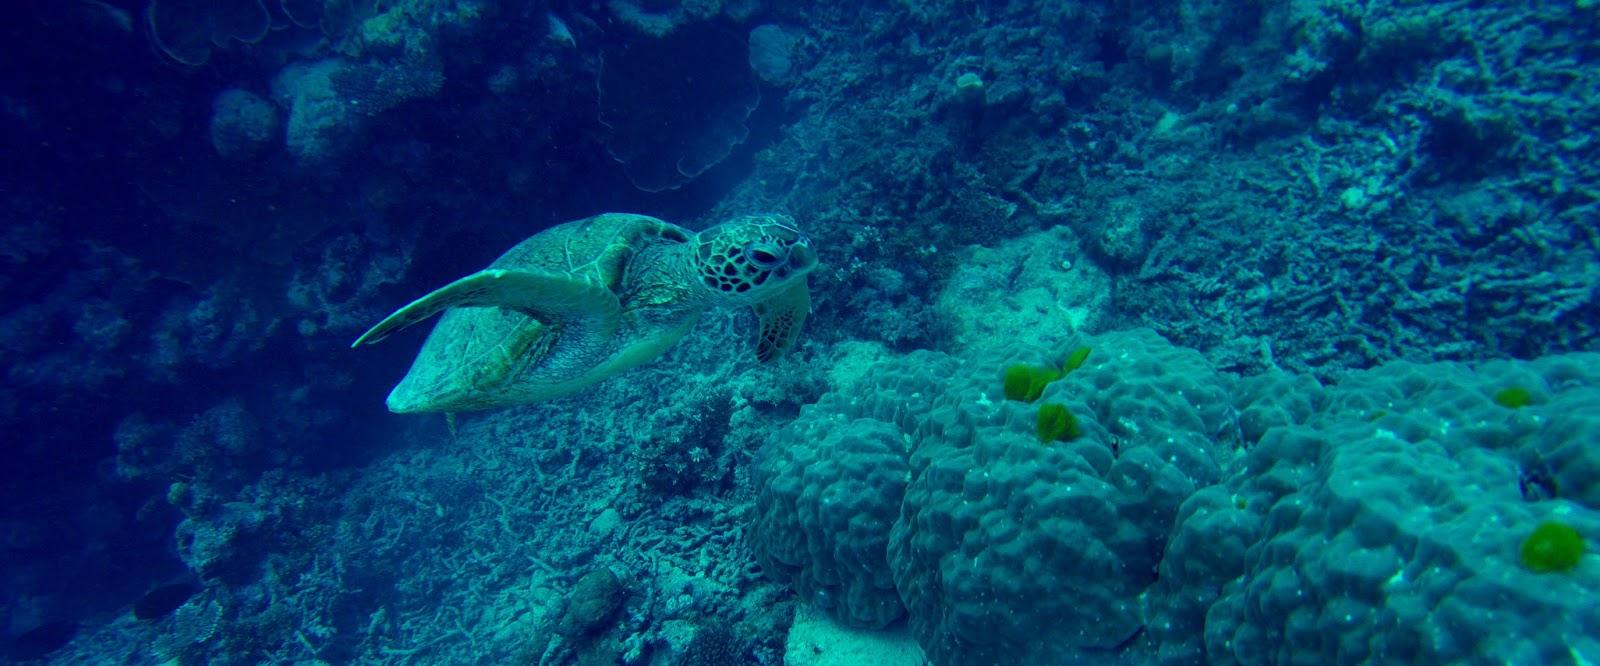 乌龟,大堡礁